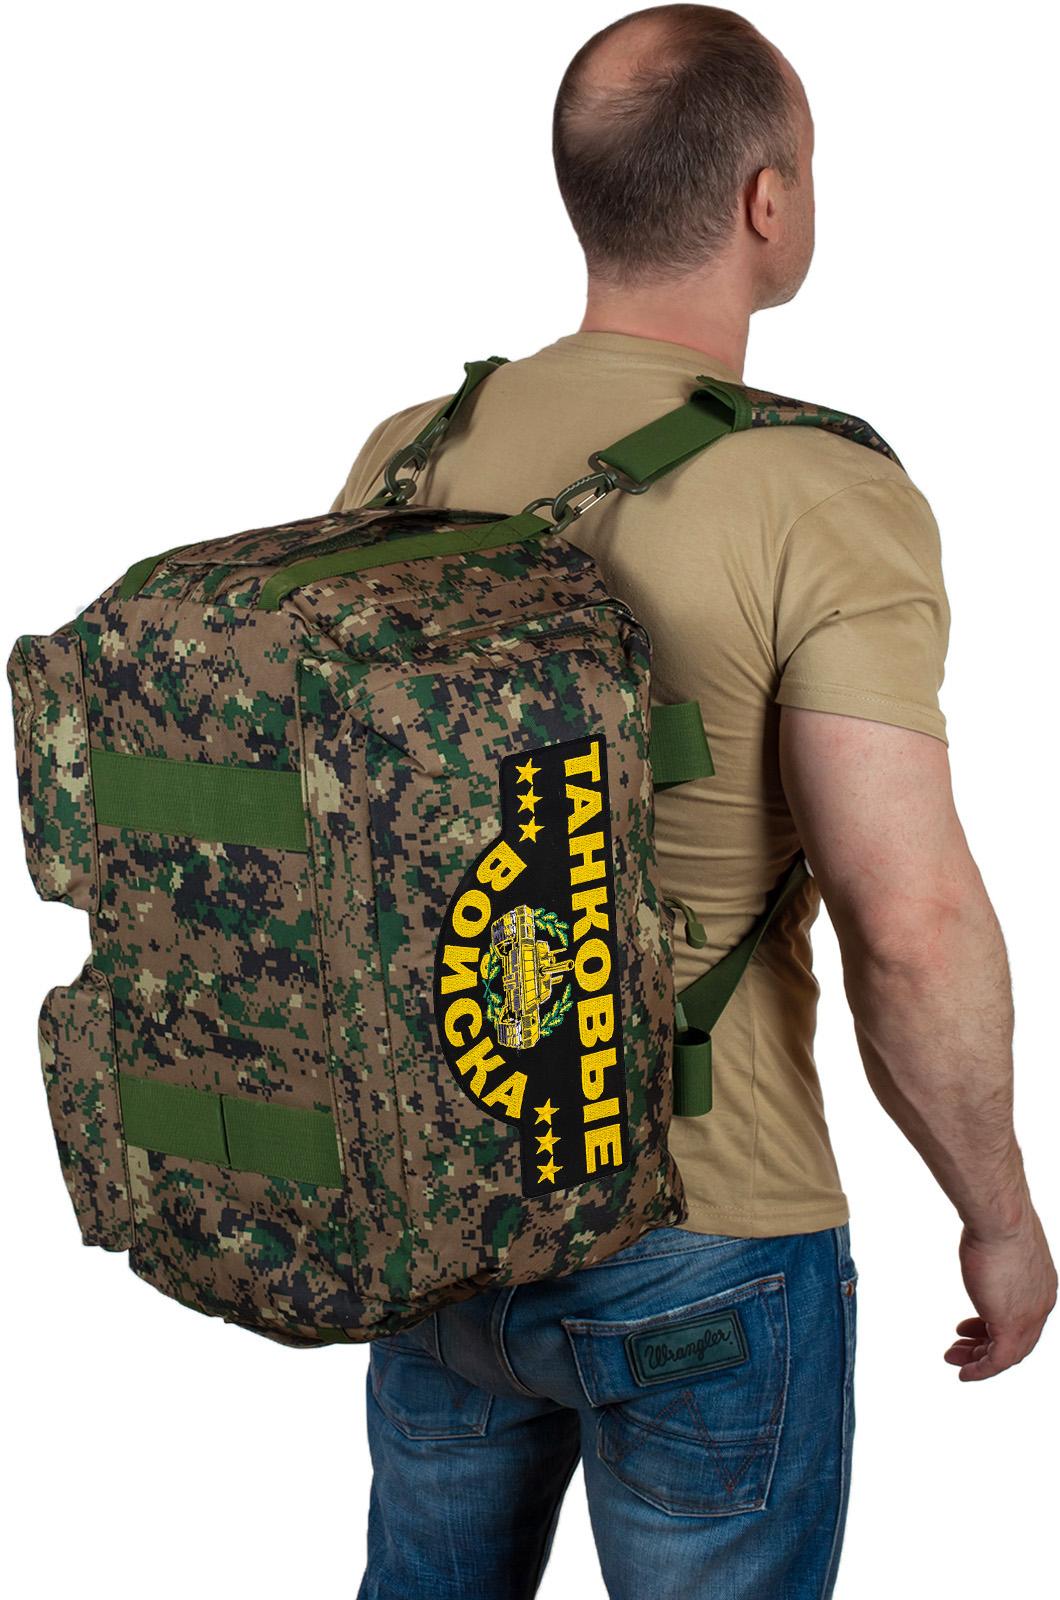 Купить армейскую дорожную сумку с нашивкой Танковые Войска по экономичной цене